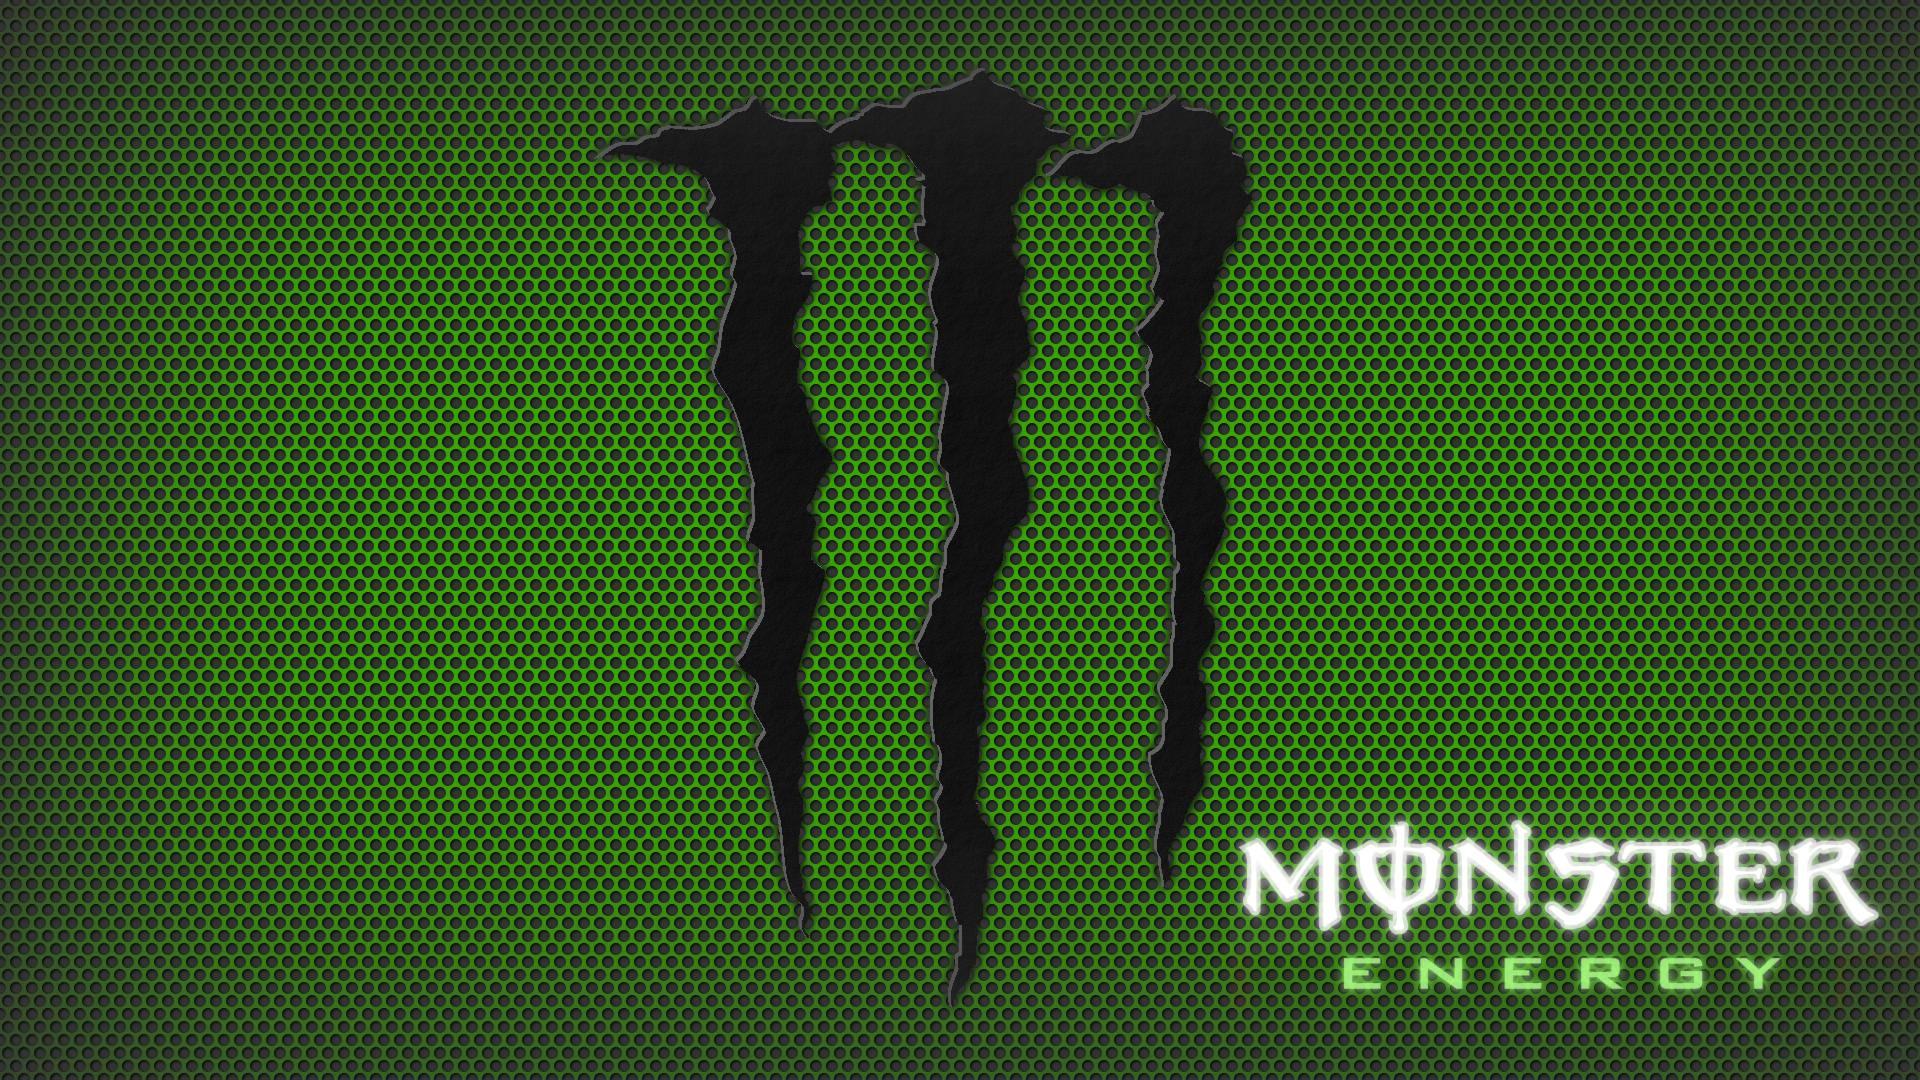 Wallpapers For > Green Monster Energy Wallpaper